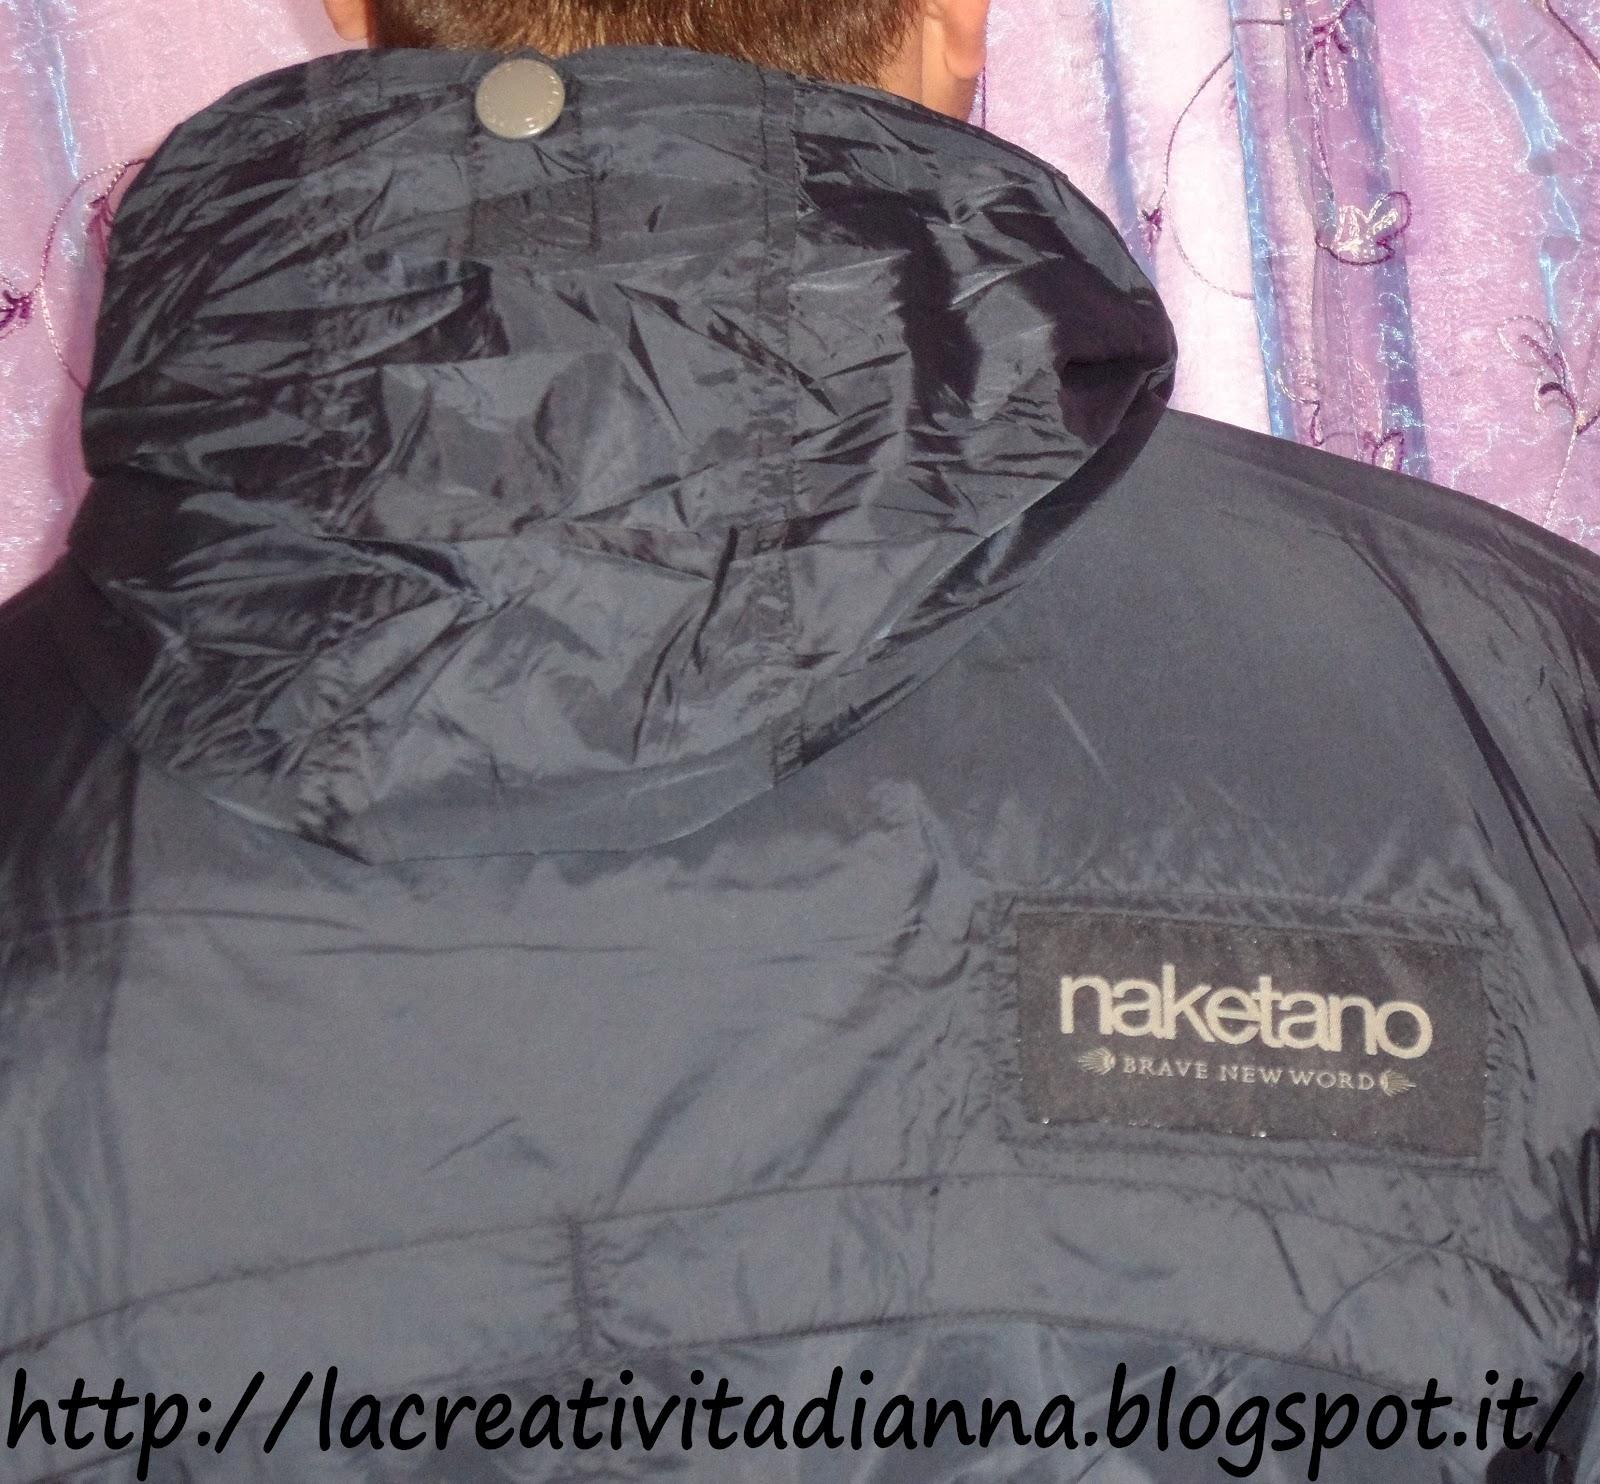 Image Result For Naketano